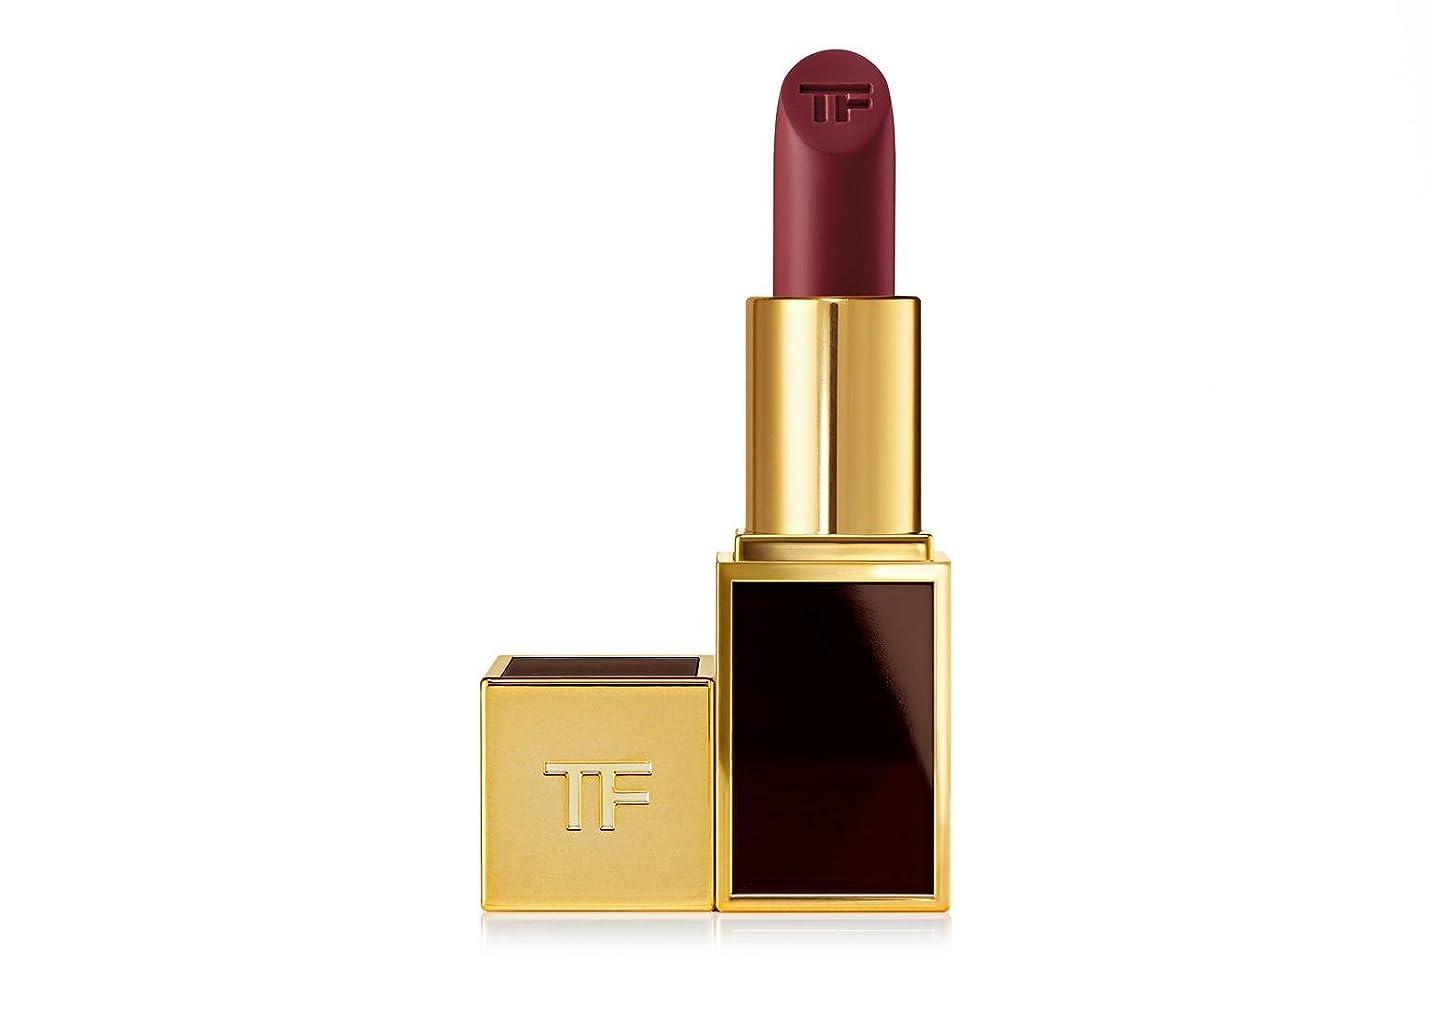 負荷有力者プレビスサイトトムフォード リップス アンド ボーイズ 12 バイオレット リップカラー 口紅 Tom Ford Lipstick 12 VIOLETS Lip Color Lips and Boys (Nicholas ニコラス) [並行輸入品]